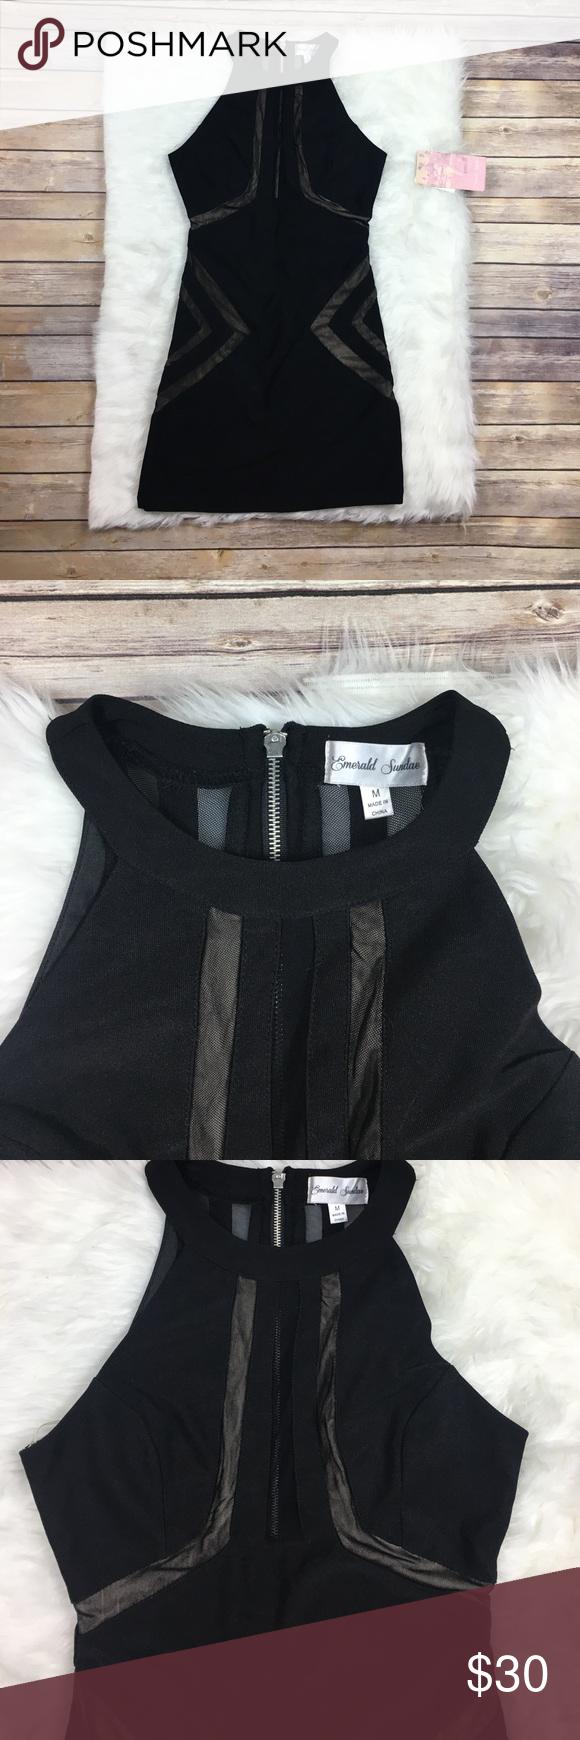 Emerald sundae black sheer dress emerald sundae sheer black dress